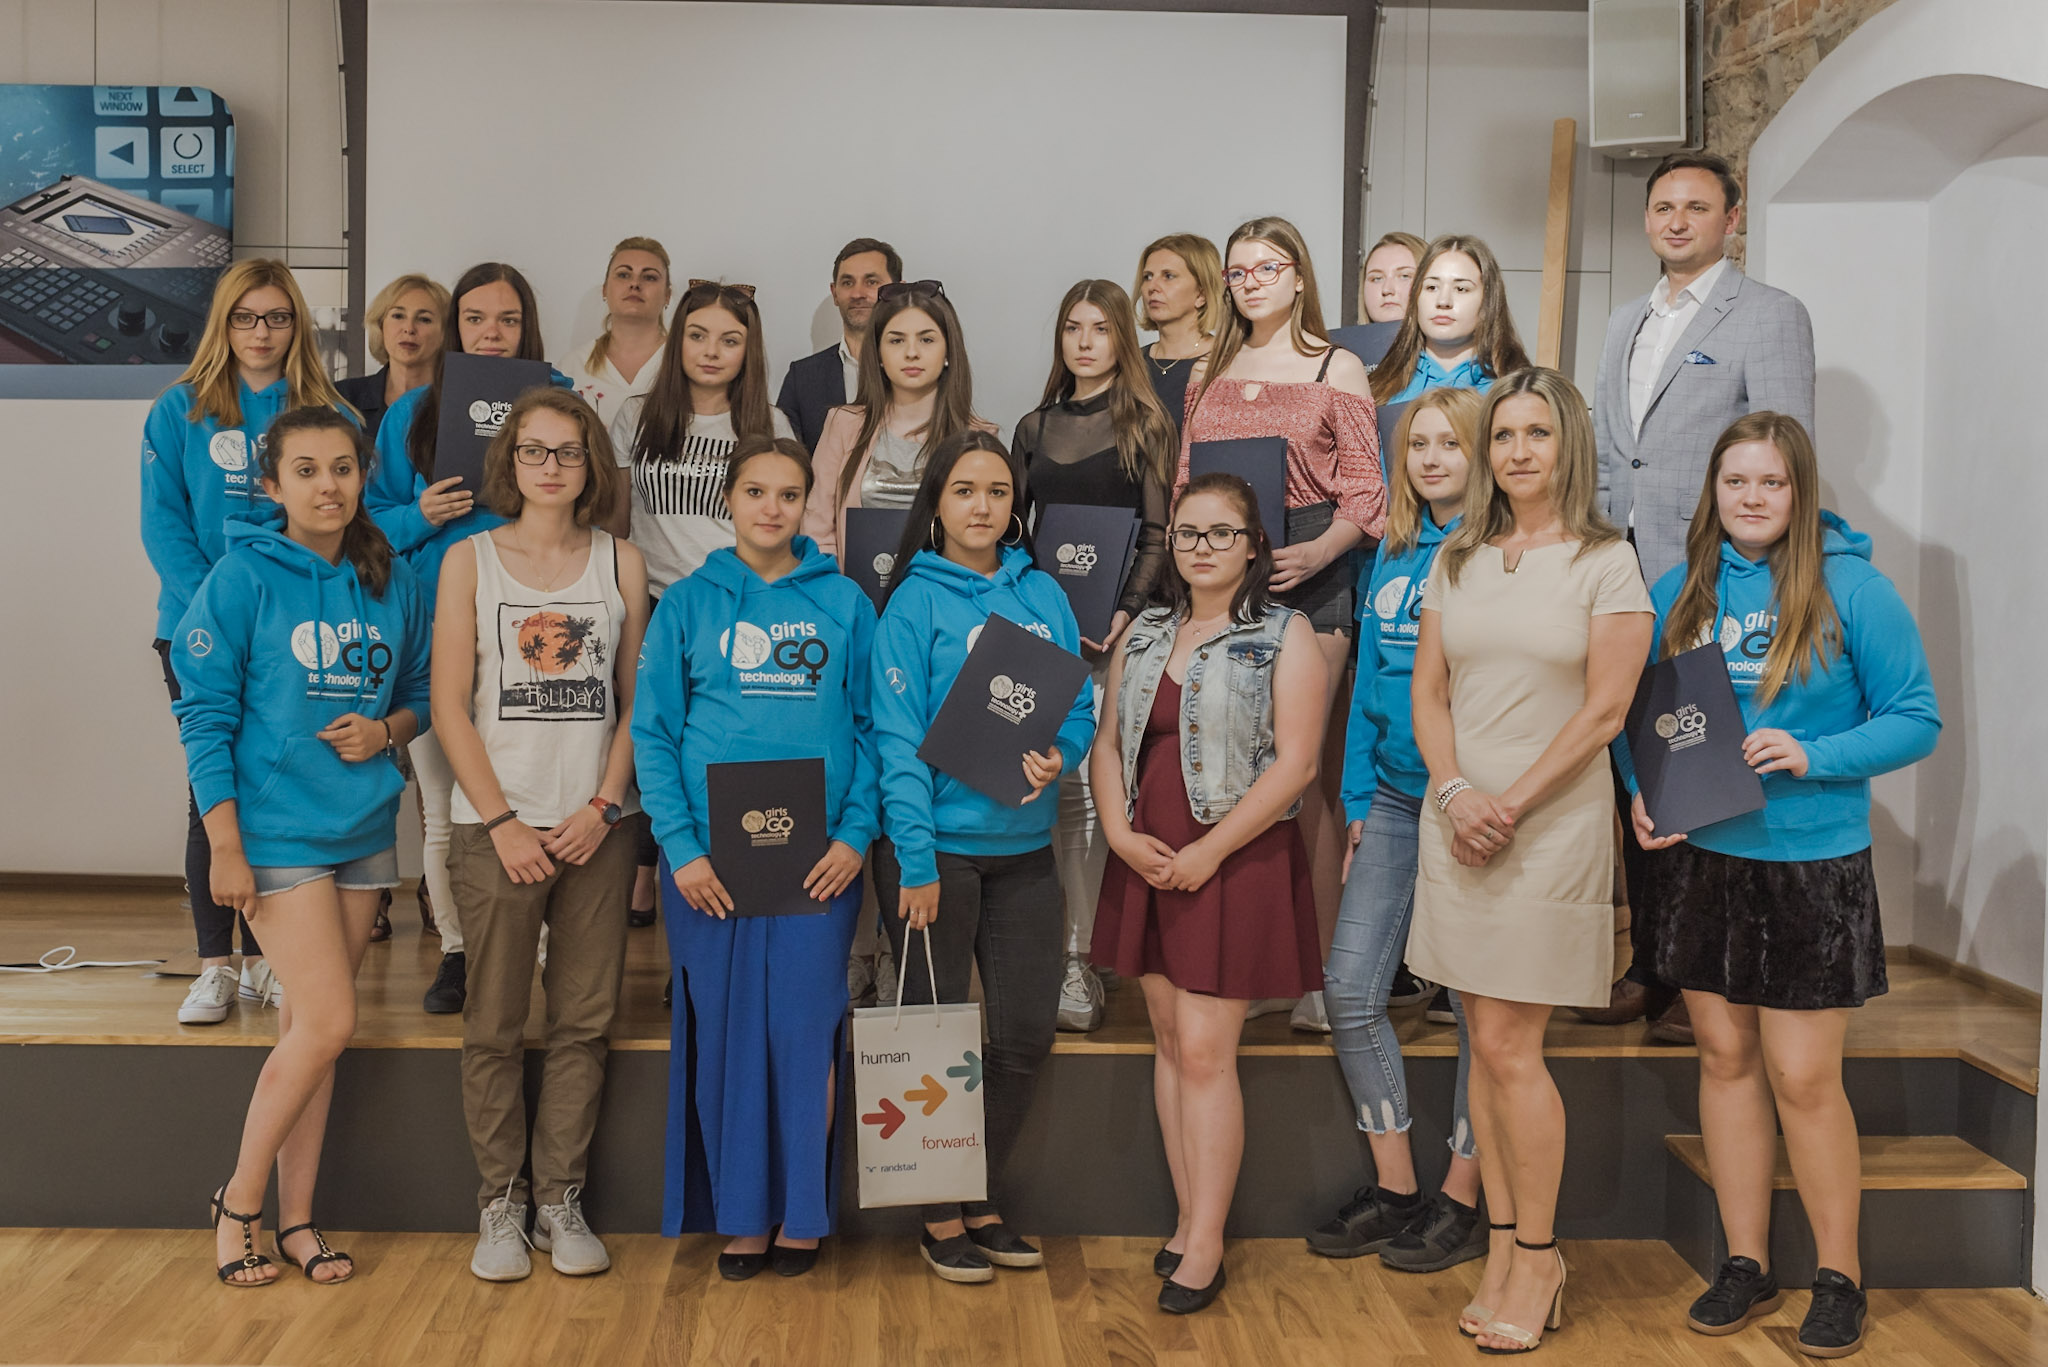 """Mercedes-Benz Manufacturing Poland organizuje programy edukacyjne dla żeńskiej młodzieży szkół ponadpodstawowych - """"Girls GO Technology, czyli dziewczyny oswajają technologię"""" (Fot. mat. pras.)"""